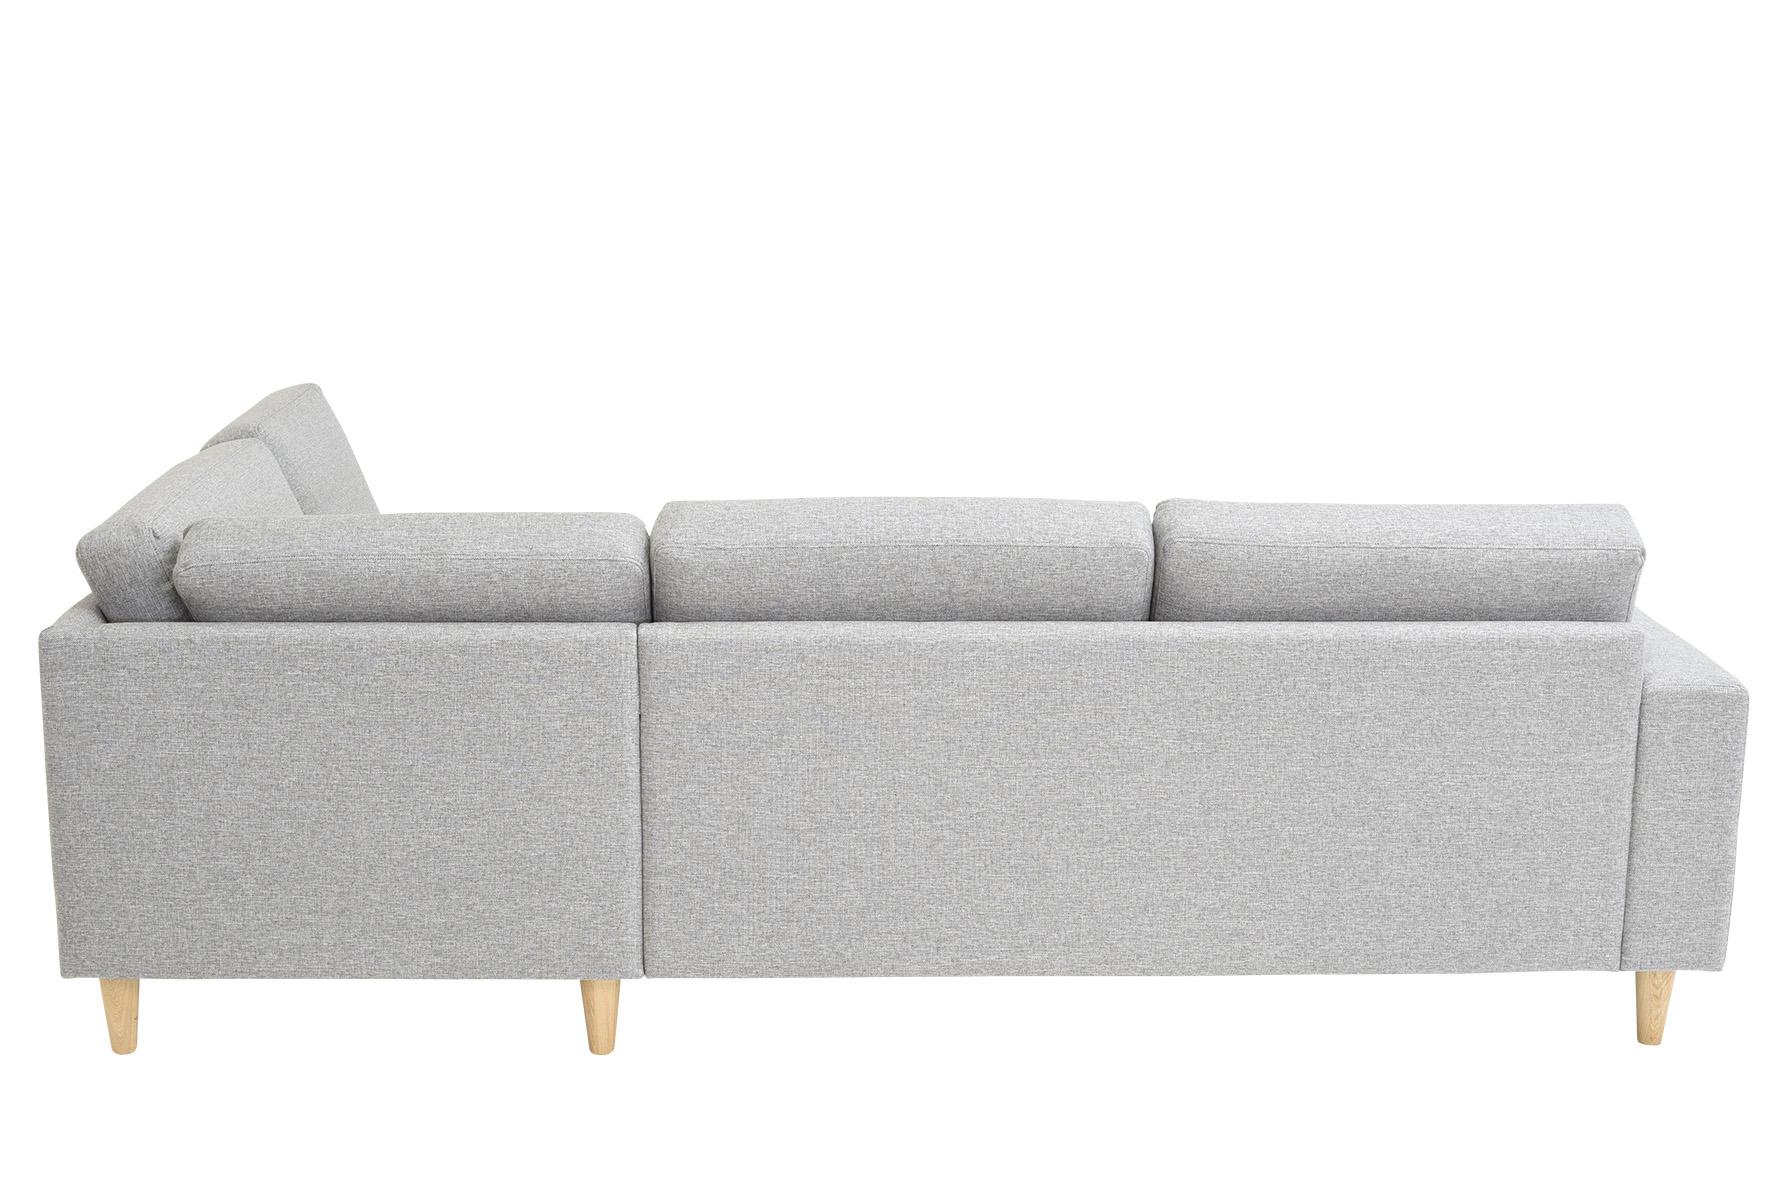 Ecksofa Mia Skandinavisches Design Holzfüsse Stoff Grau